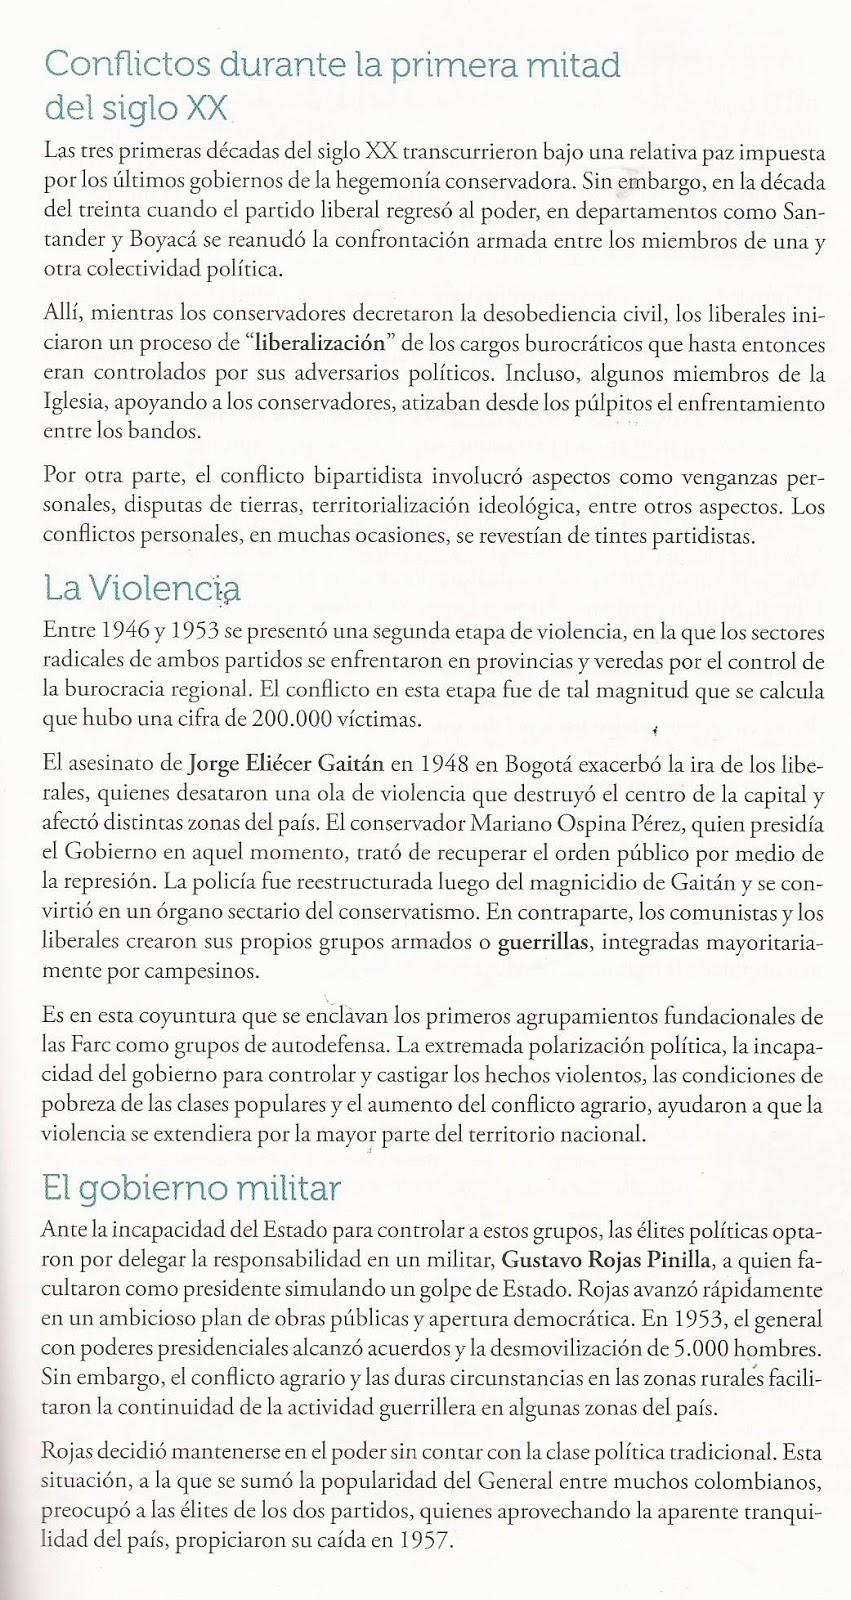 Trabajos escritos y presentaciones | Social and Ethics Don Bosco ...